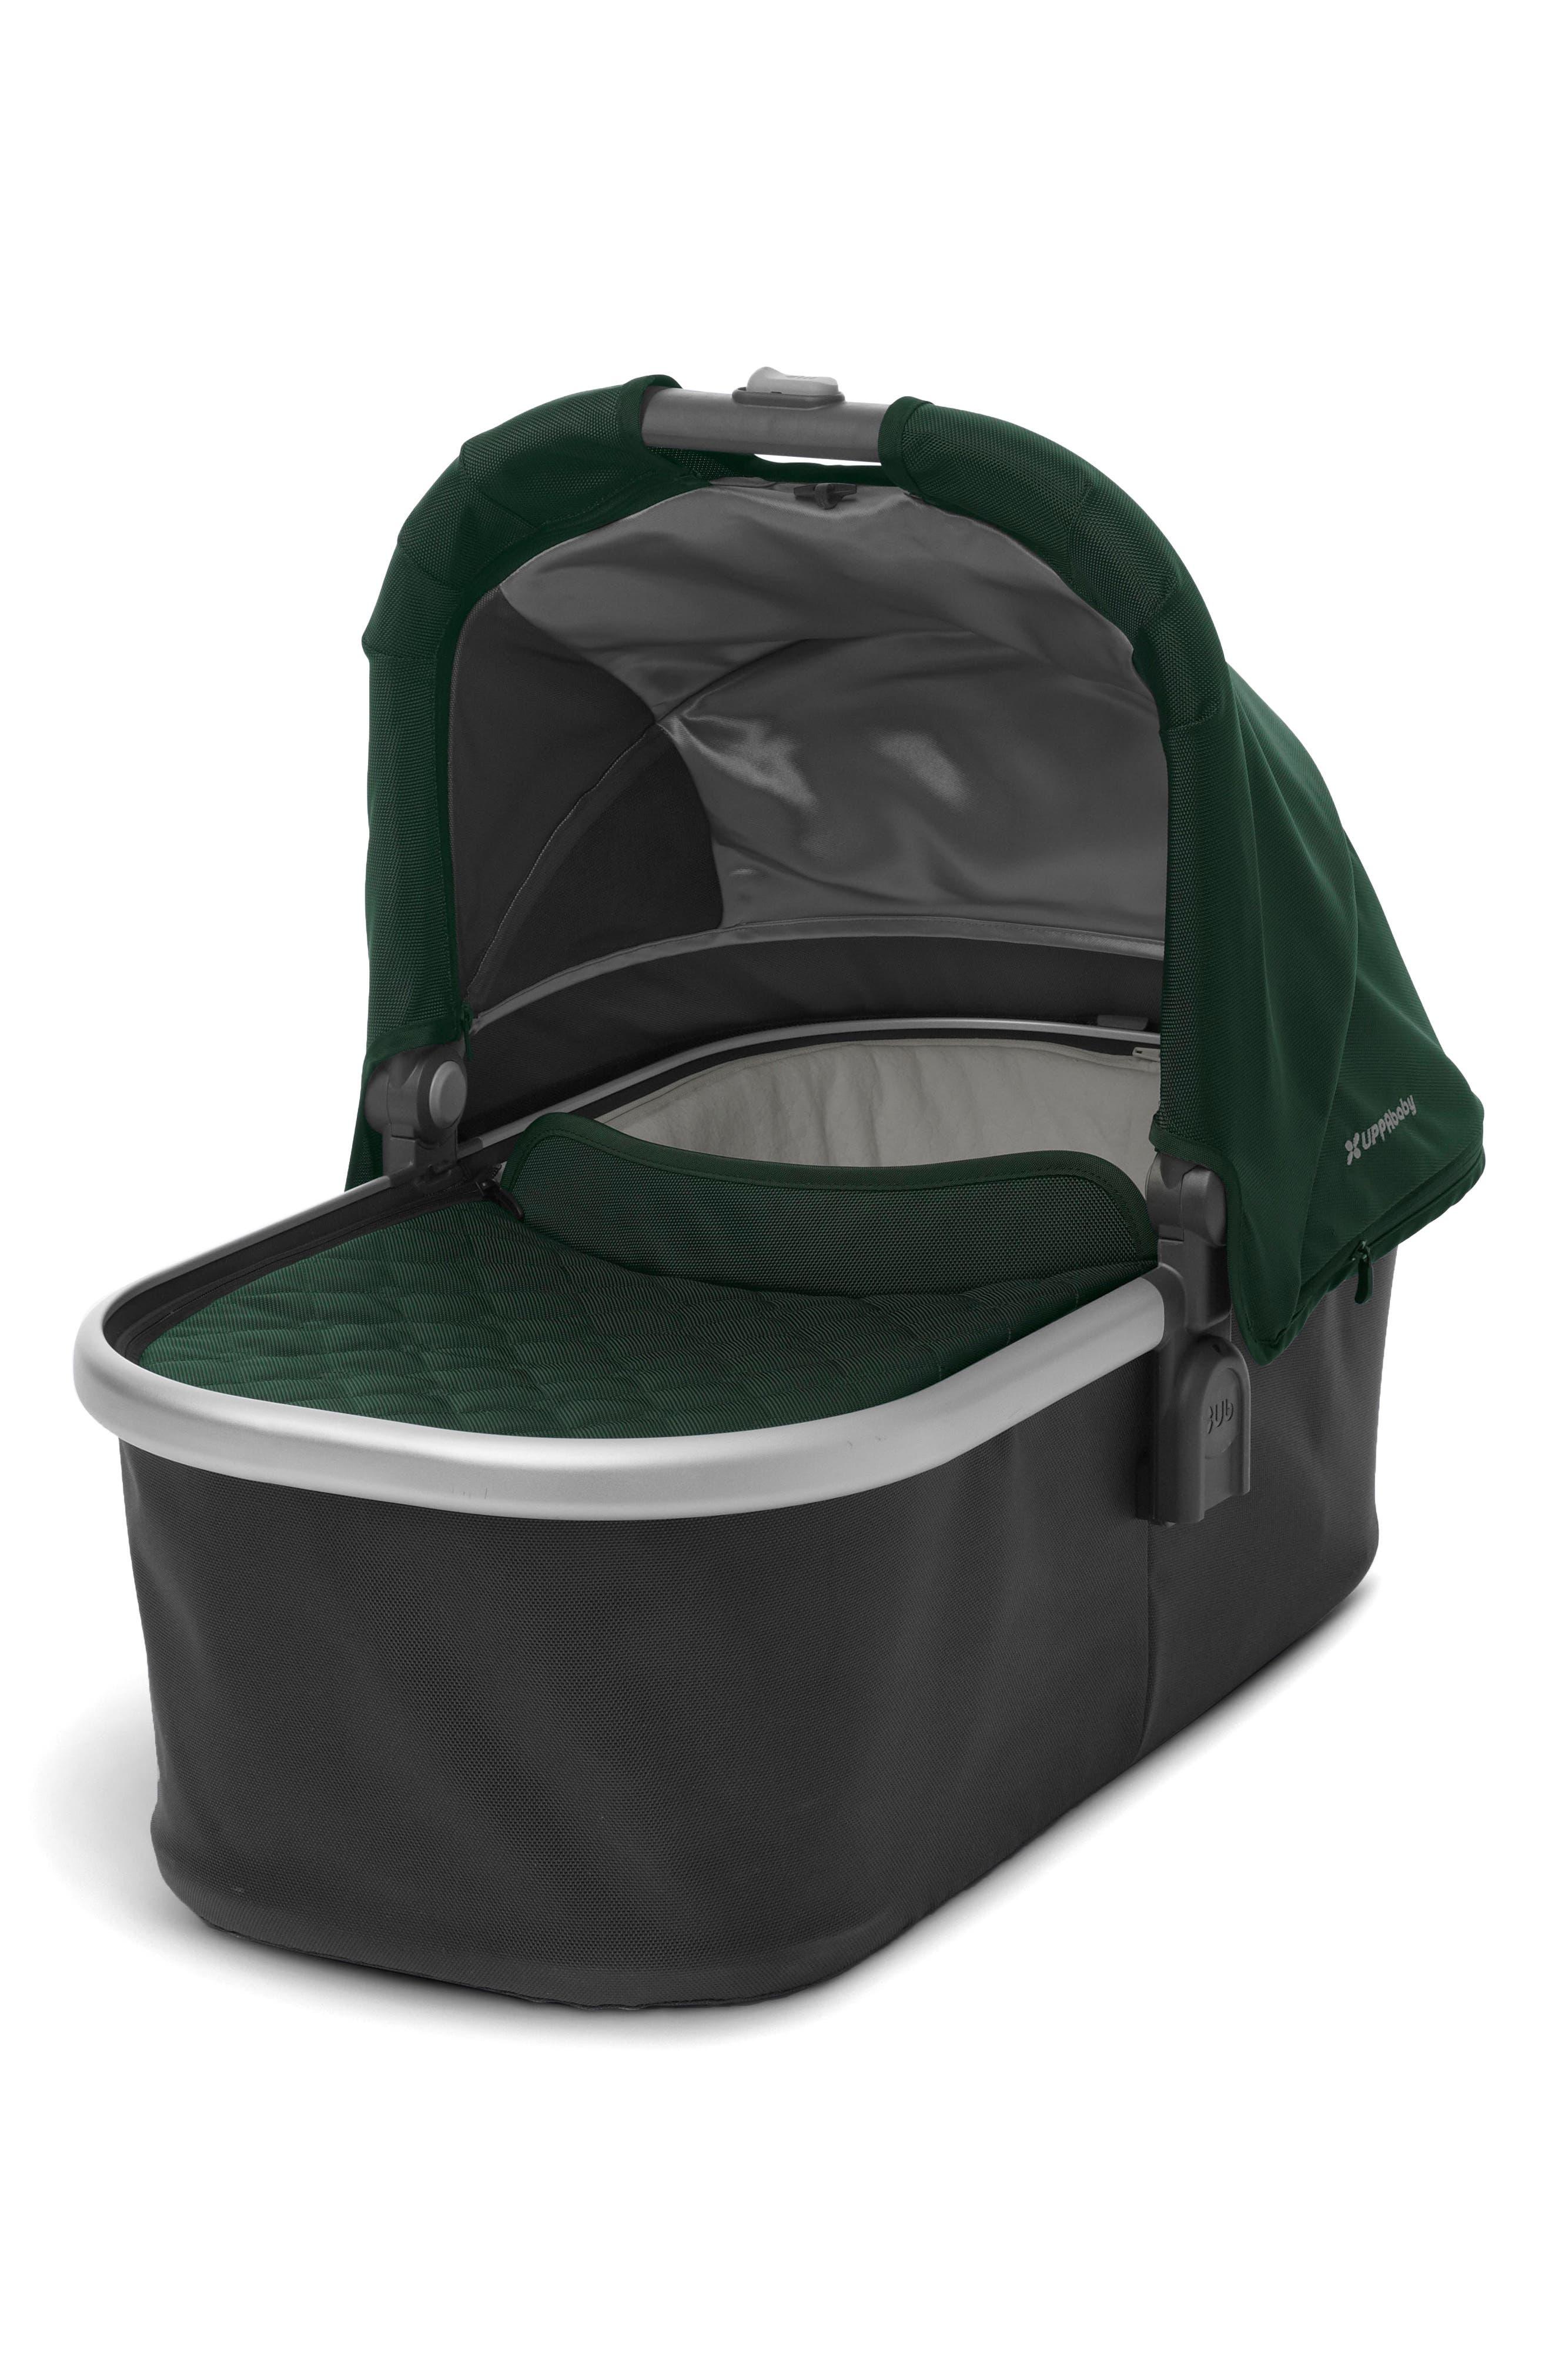 Bassinet for CRUZ or VISTA Strollers,                         Main,                         color, Hunter/ Silver